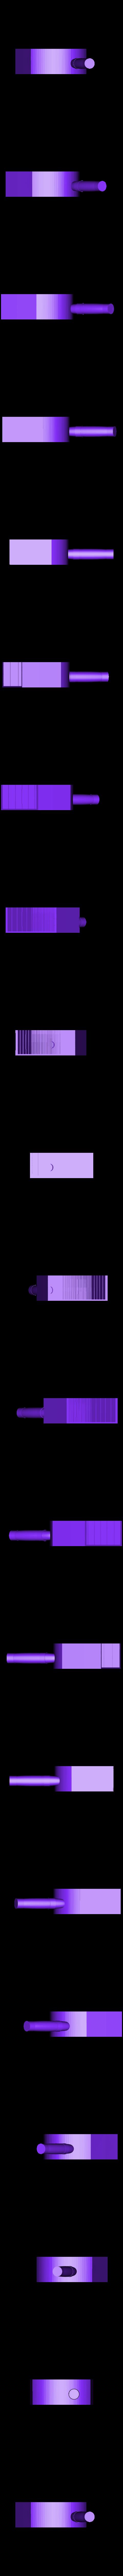 """Bender tirelire tiroir.stl Télécharger fichier STL gratuit tirelire """"Bender"""" • Design pour impression 3D, psl"""